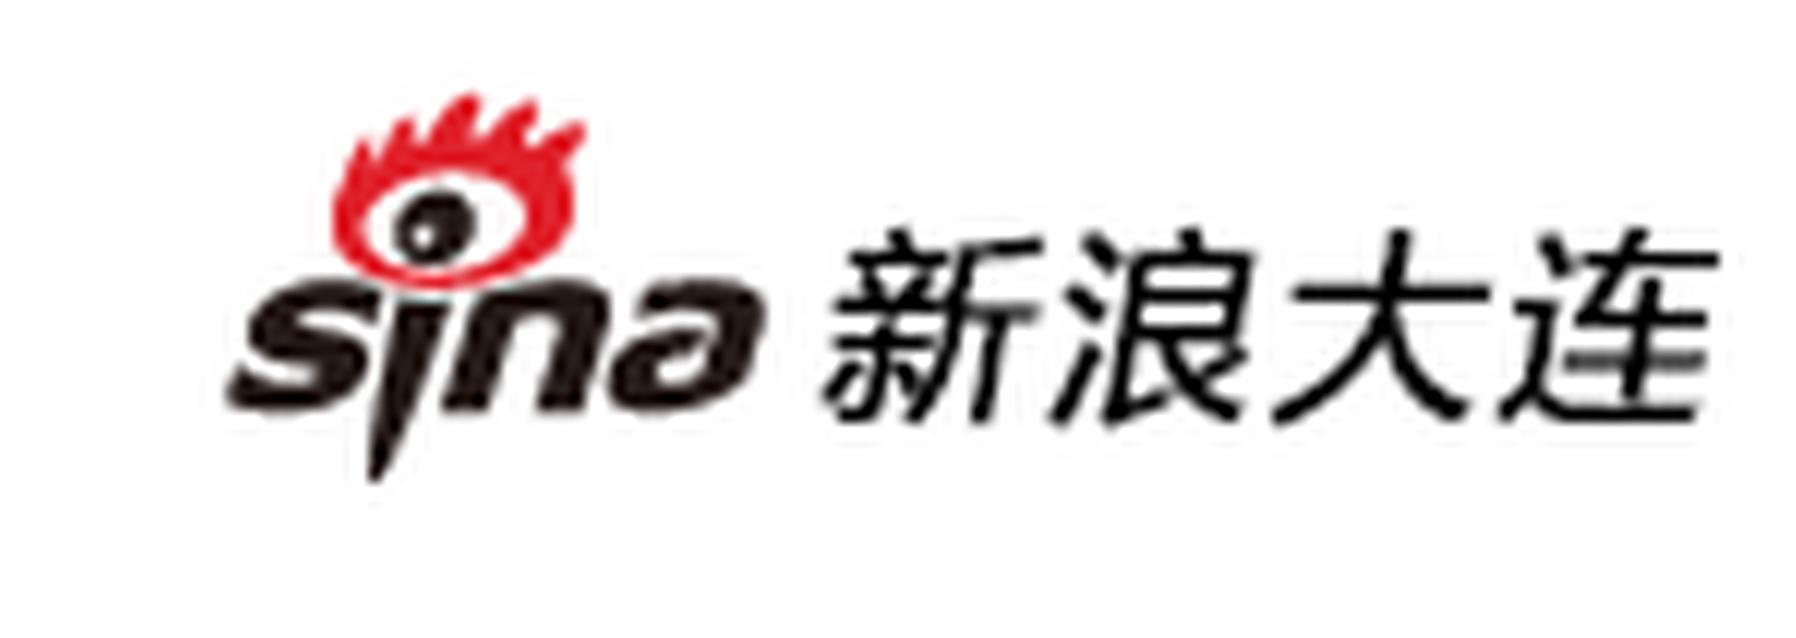 2019中国(大连)国际文化旅游产业交易博览会闭幕